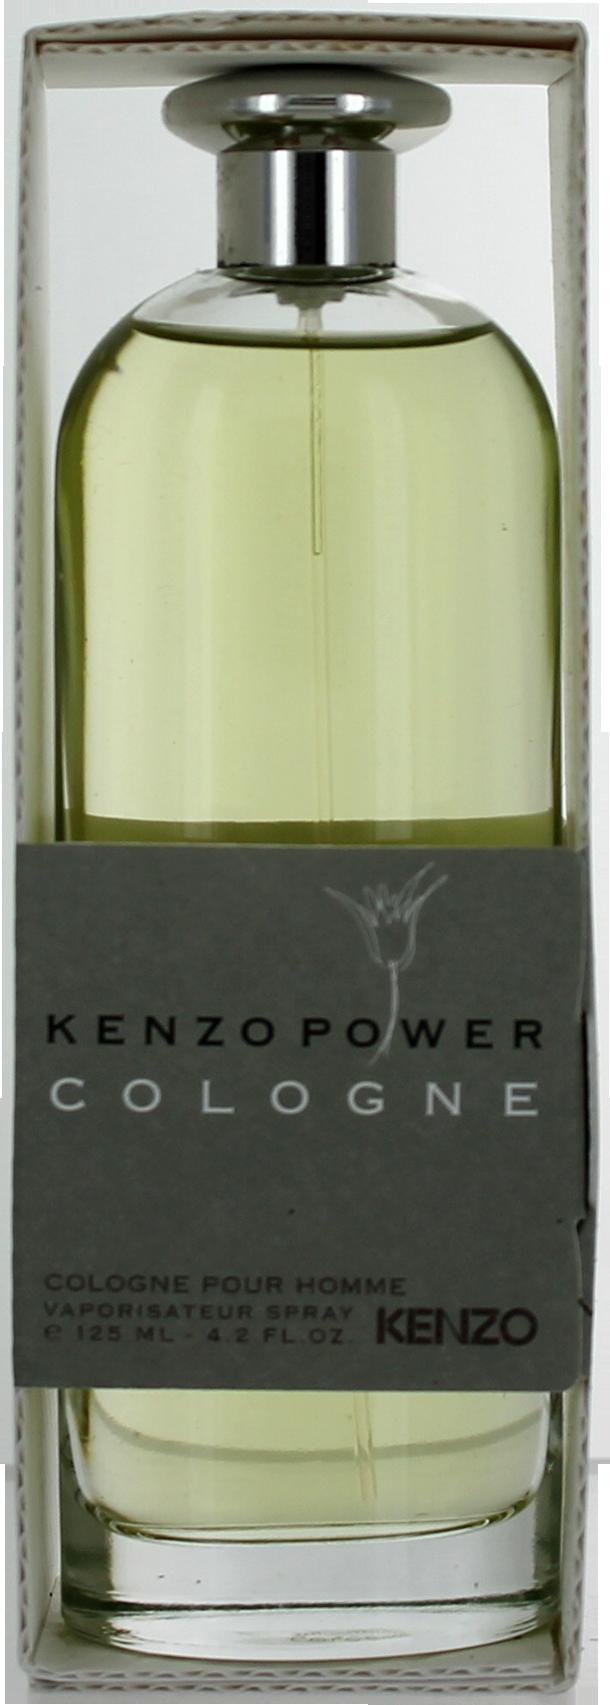 Kenzo Power (M) Cologne Spray 4.2oz NIB